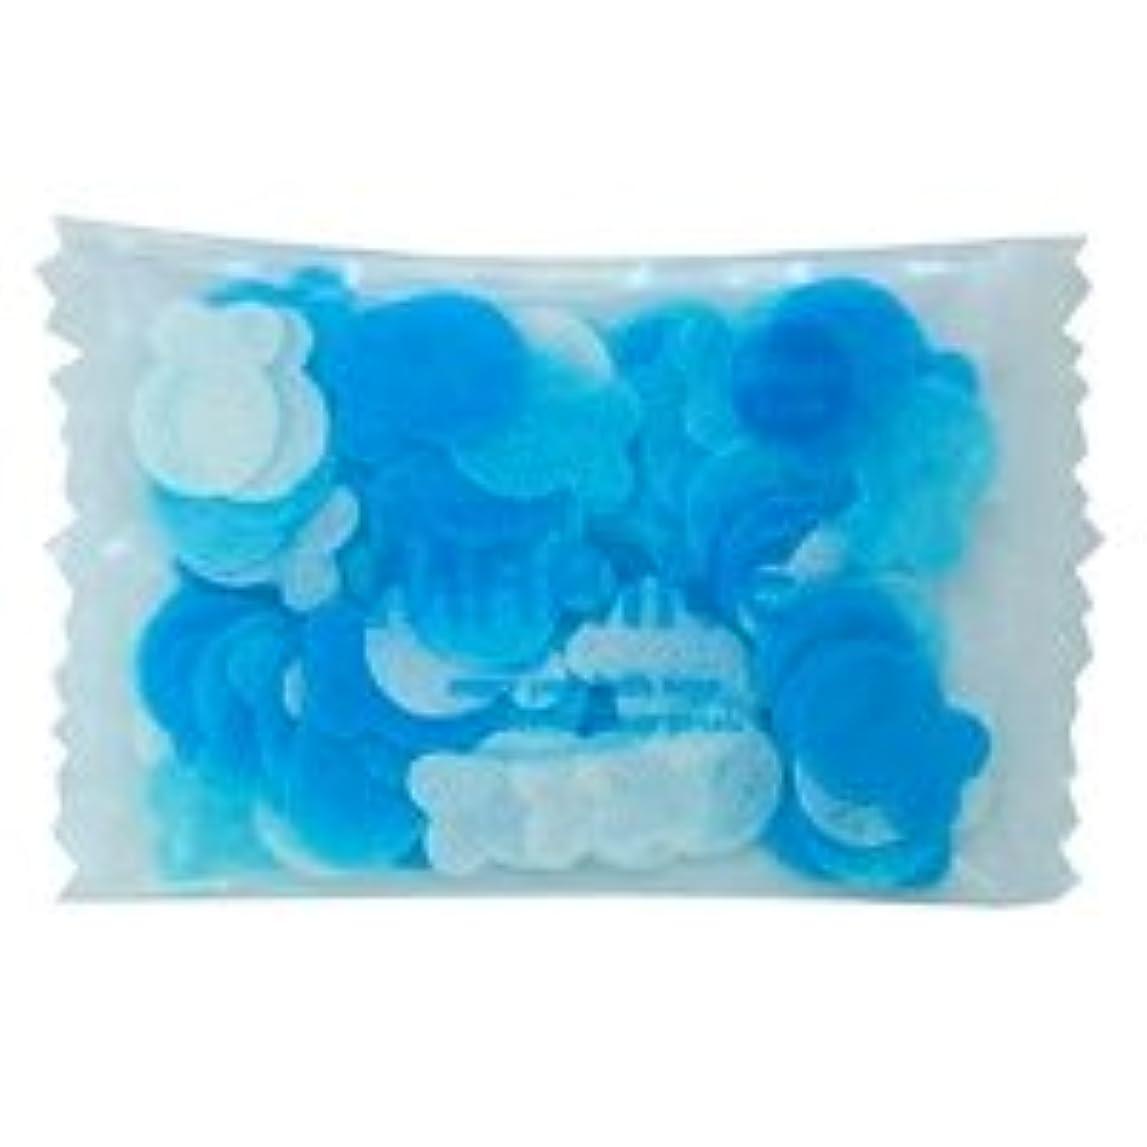 理容師歩くキラウエア山フラワーペタル バブルバス ミニパック「マリン」20個セット 穏やかで優しい気持ちになりたい日に心をなごませてくれる爽やかなマリンの香り